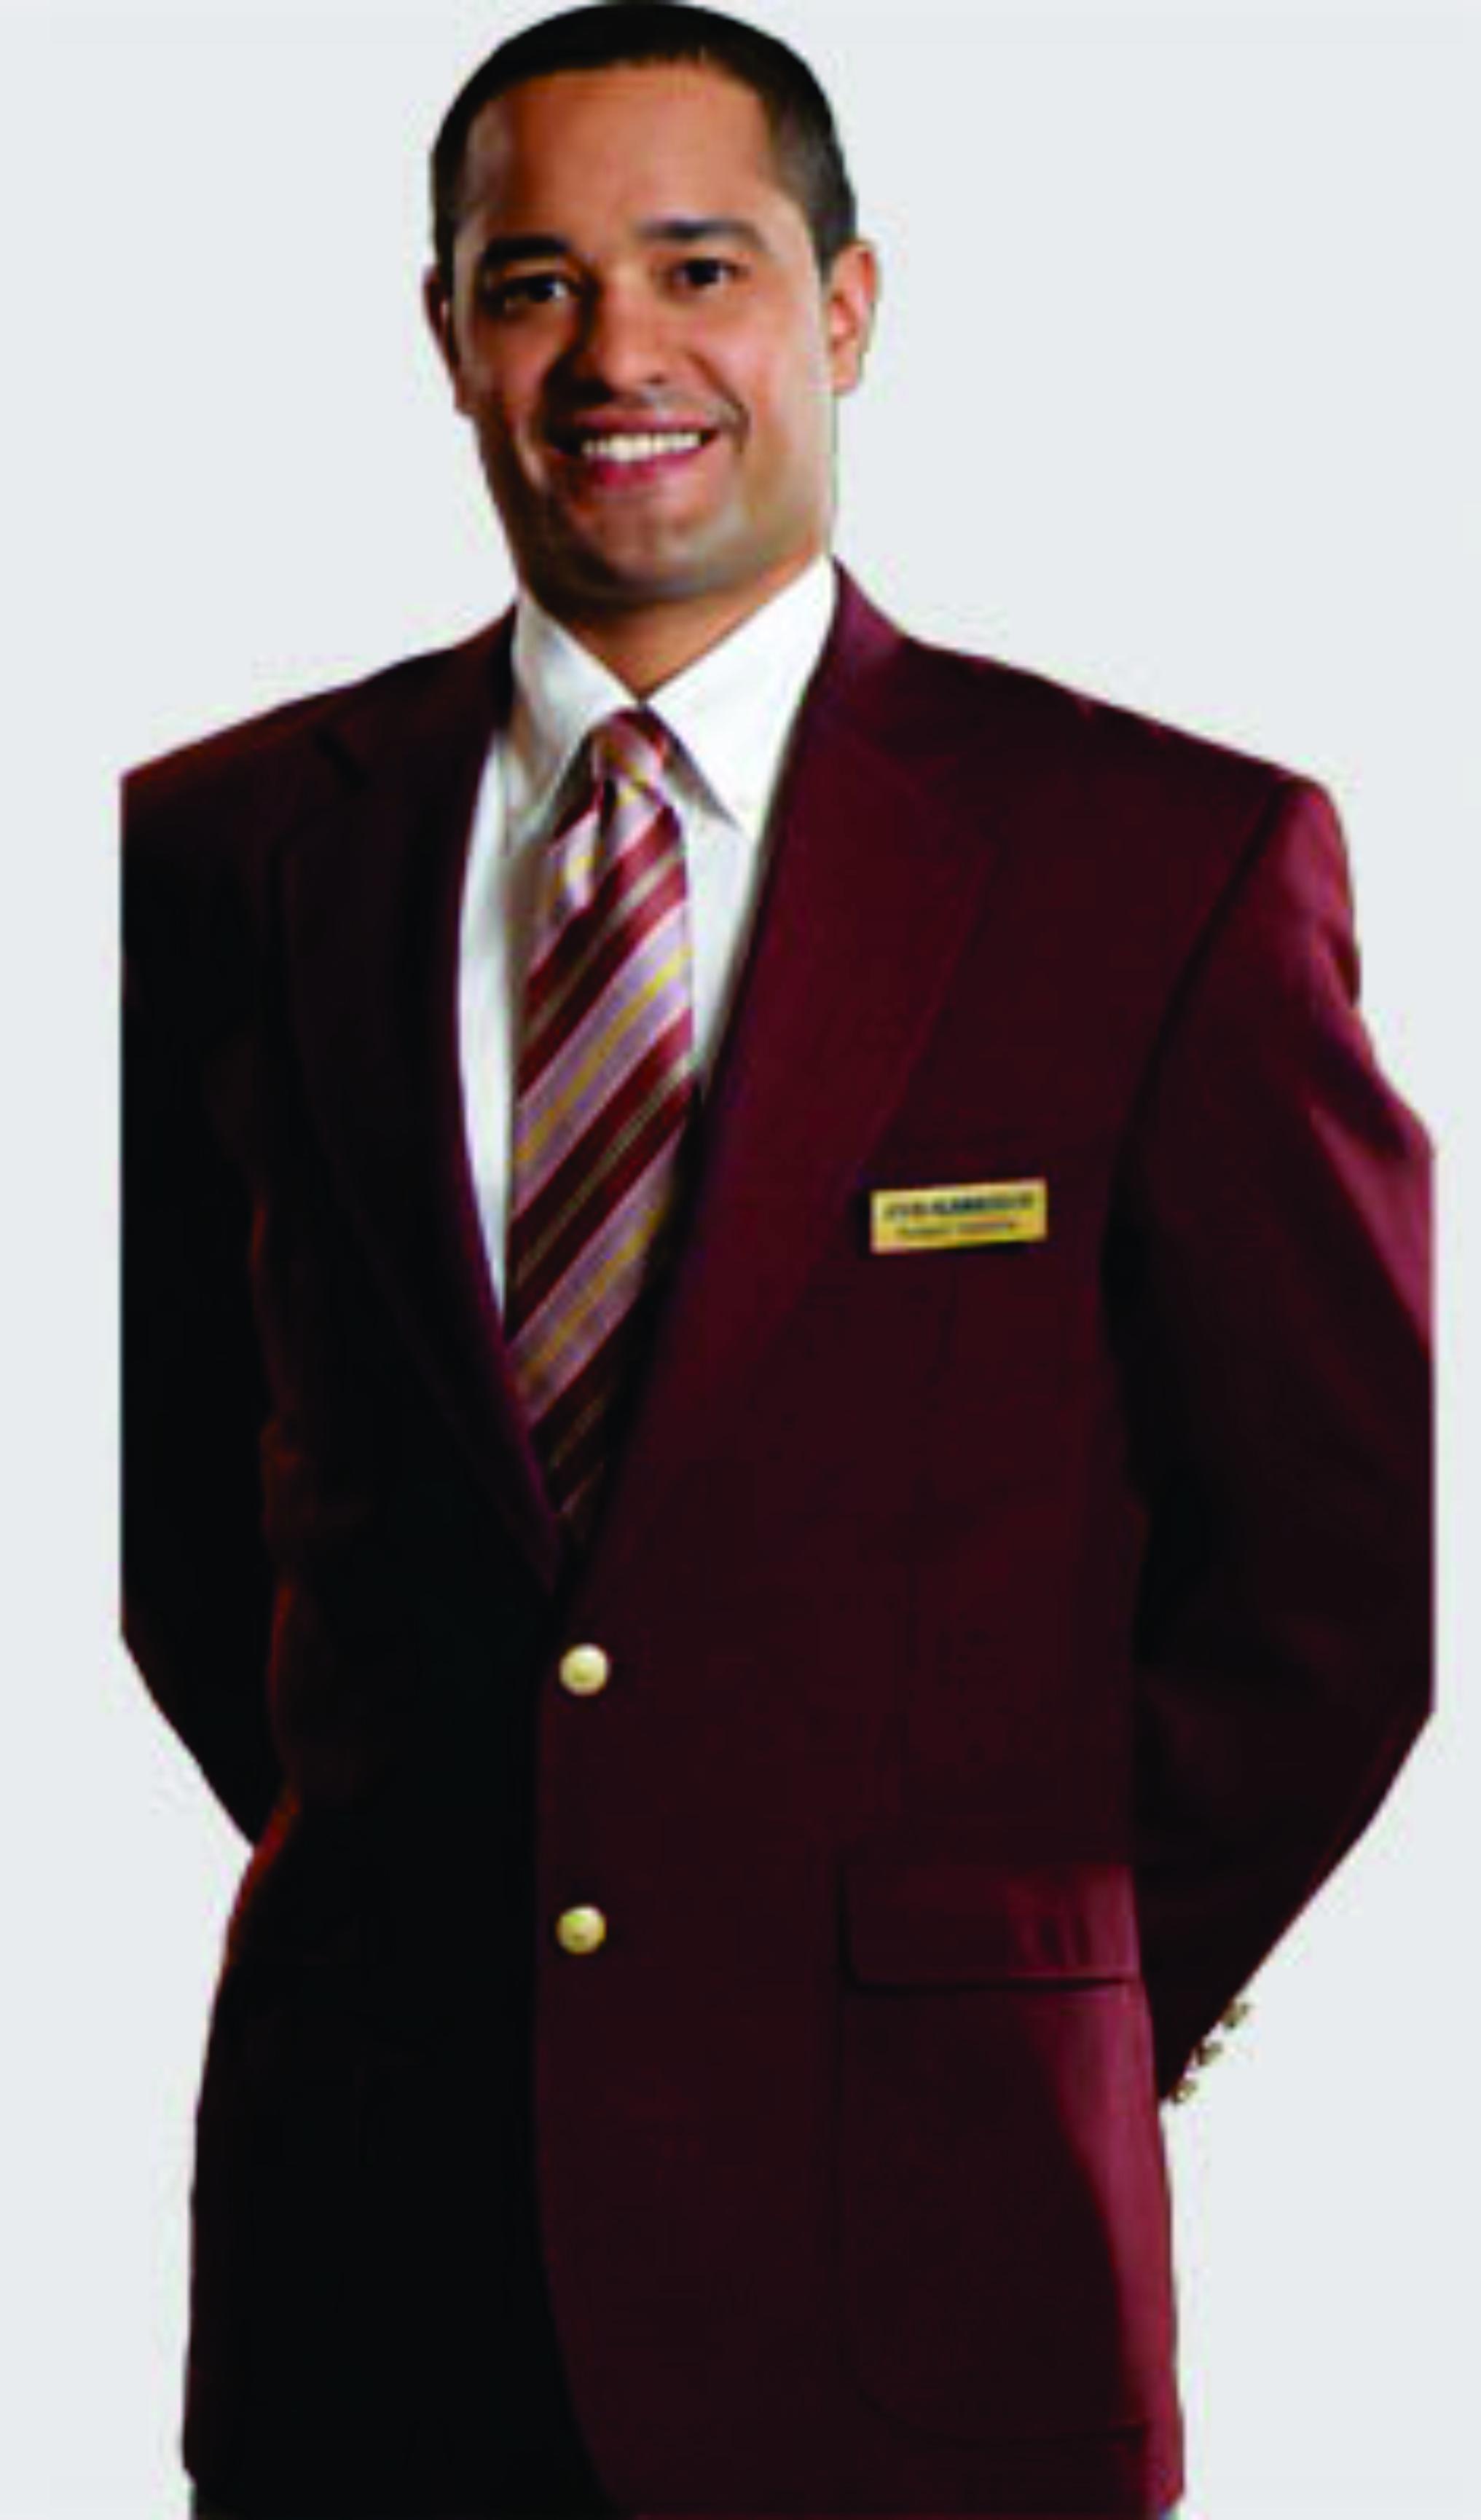 Captain Uniform 06